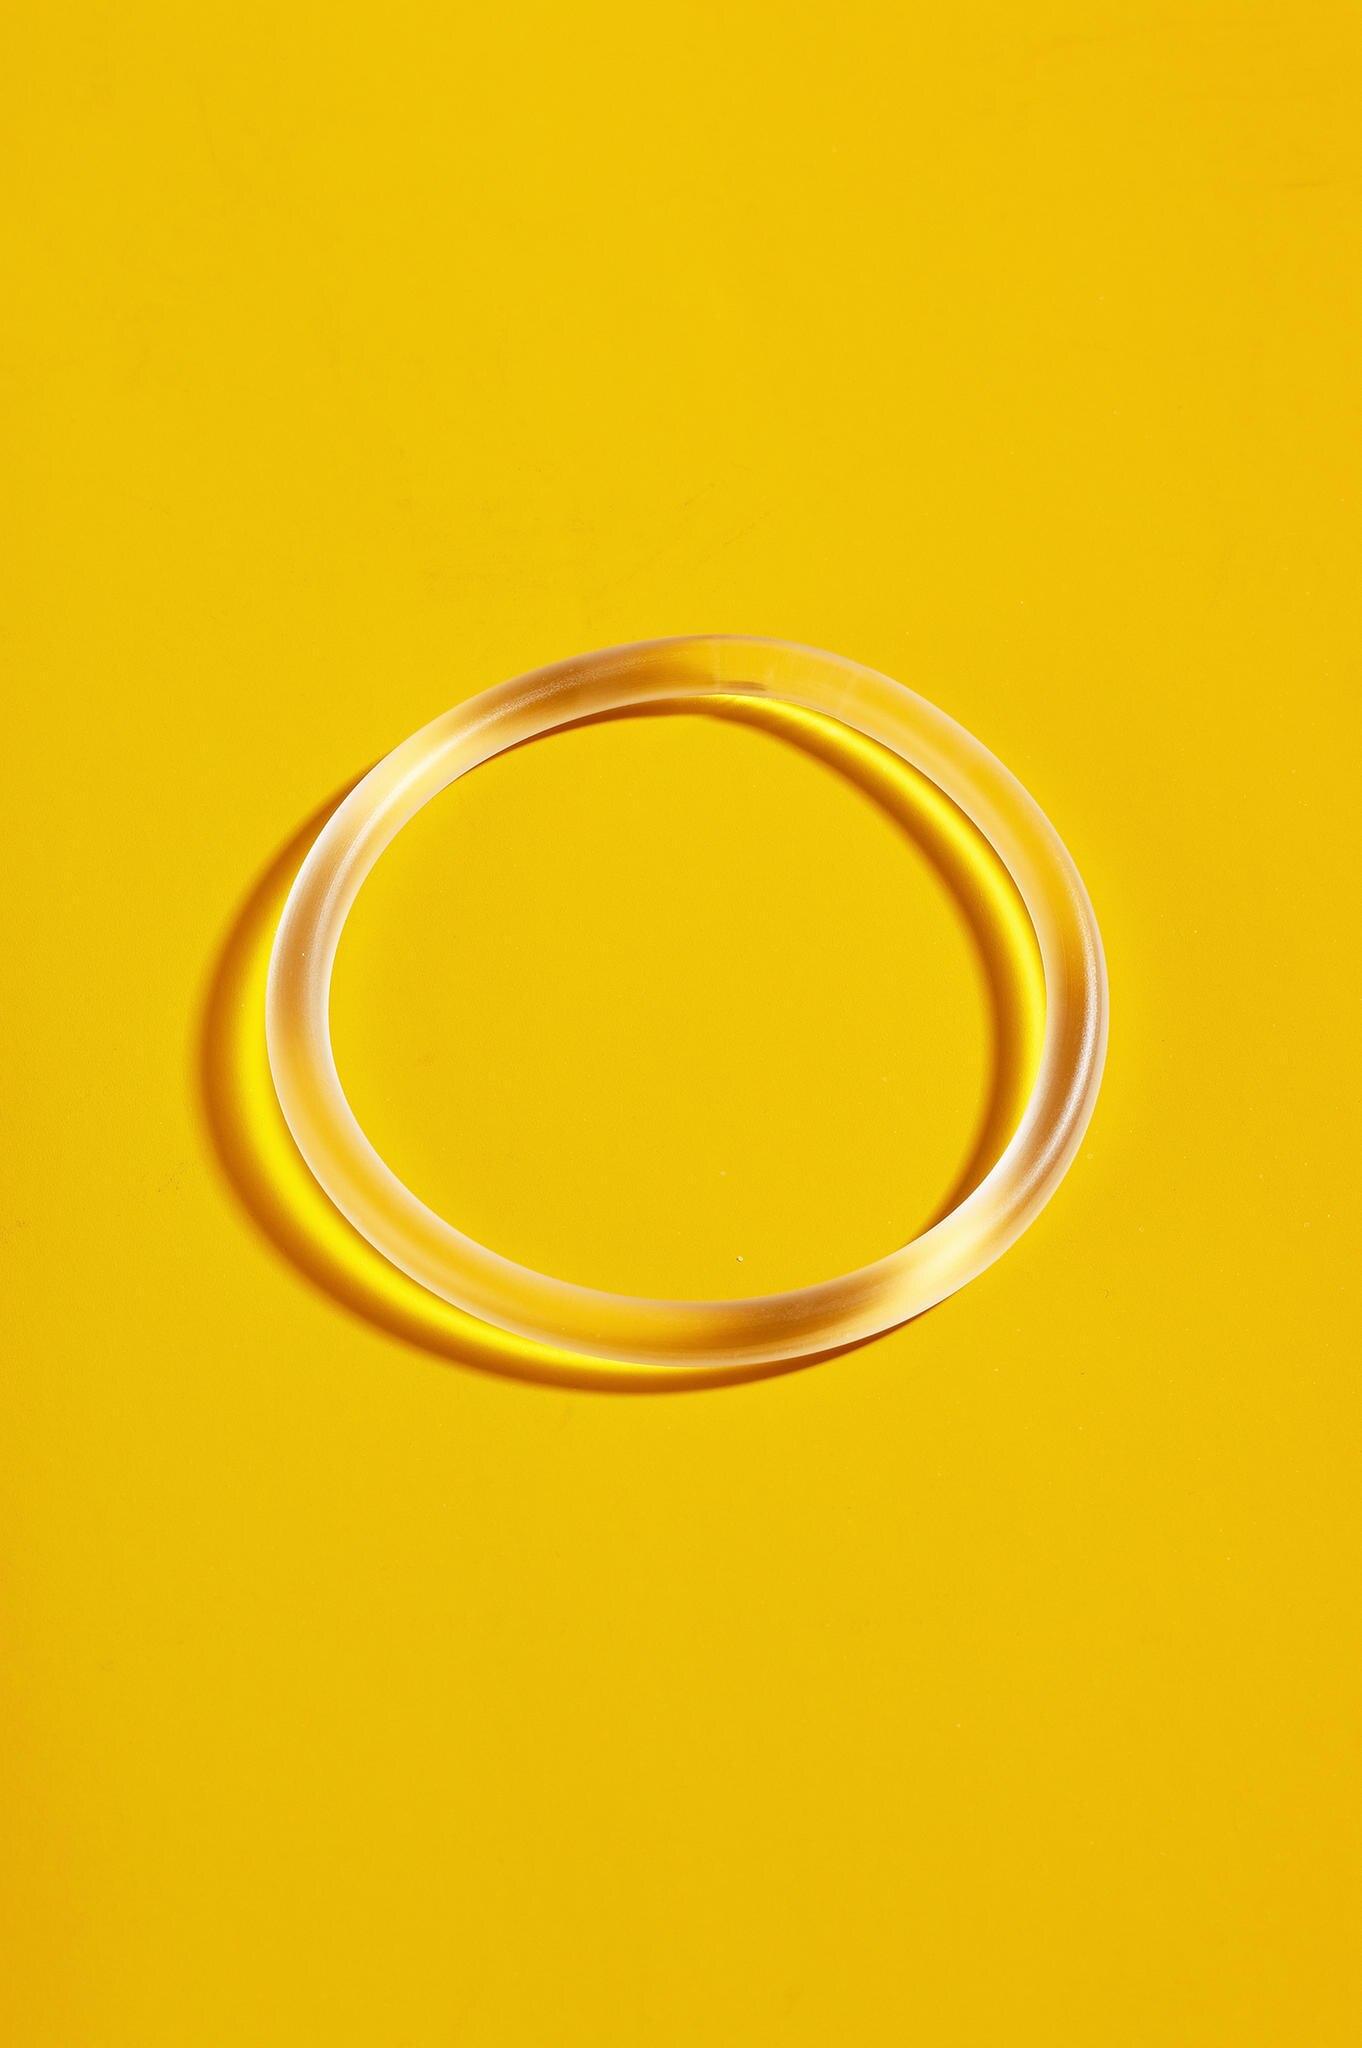 Der Vaginalring ist ein beliebtes Verhütungsmittel. Der Frauenarzt erklärt die Vor-und Nachteile.